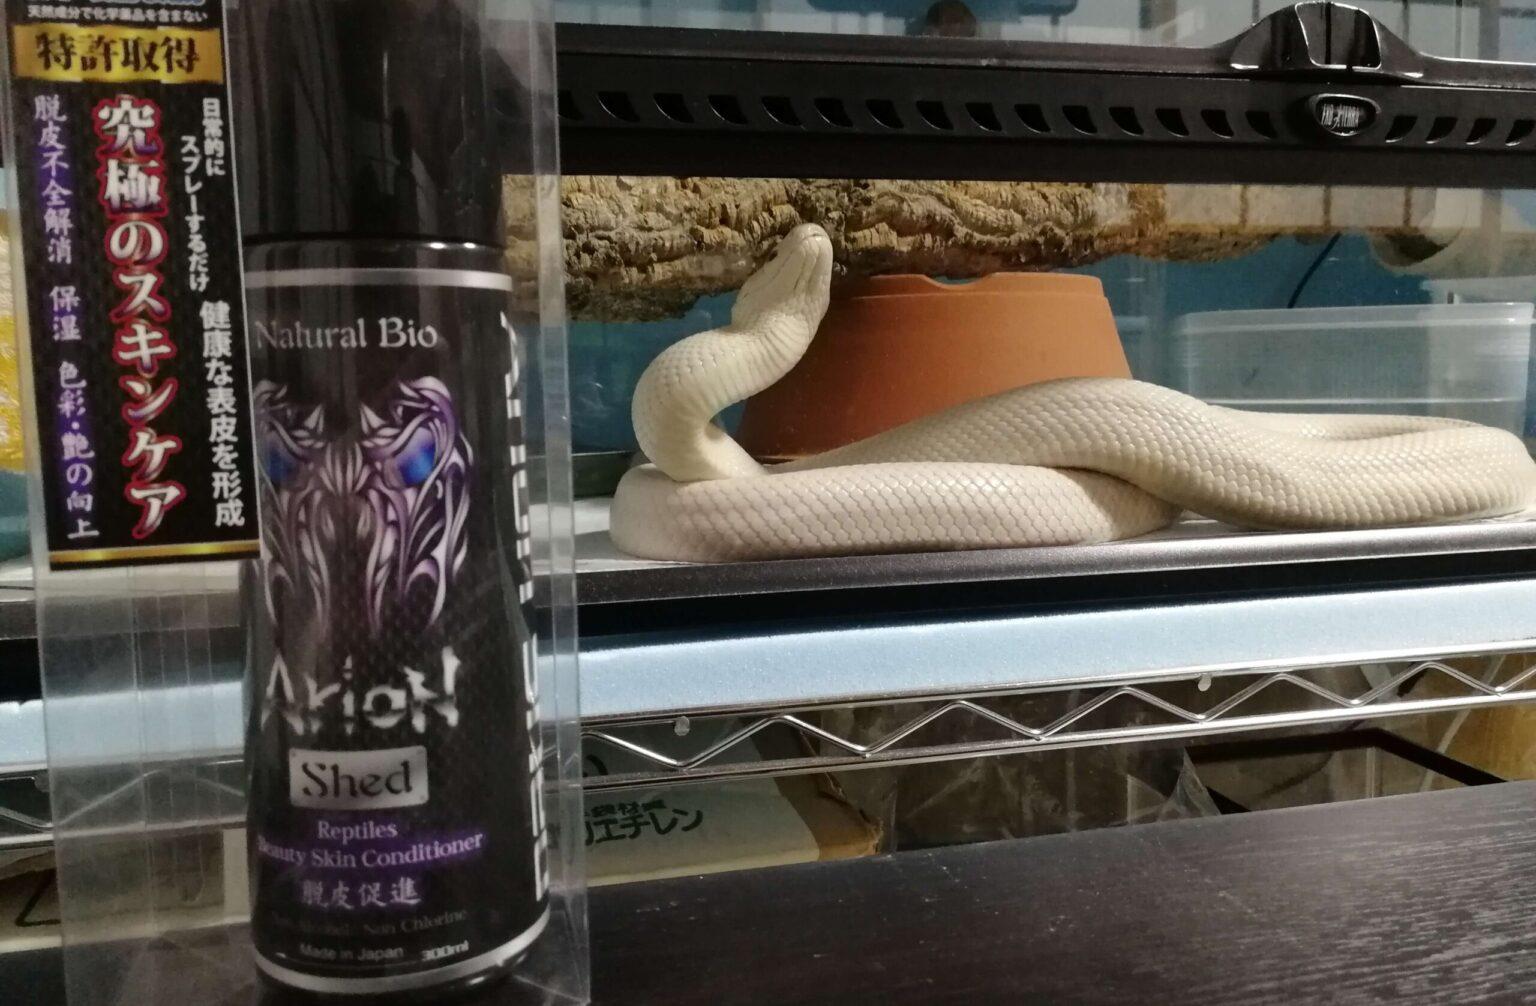 アリオンジェットと白い蛇